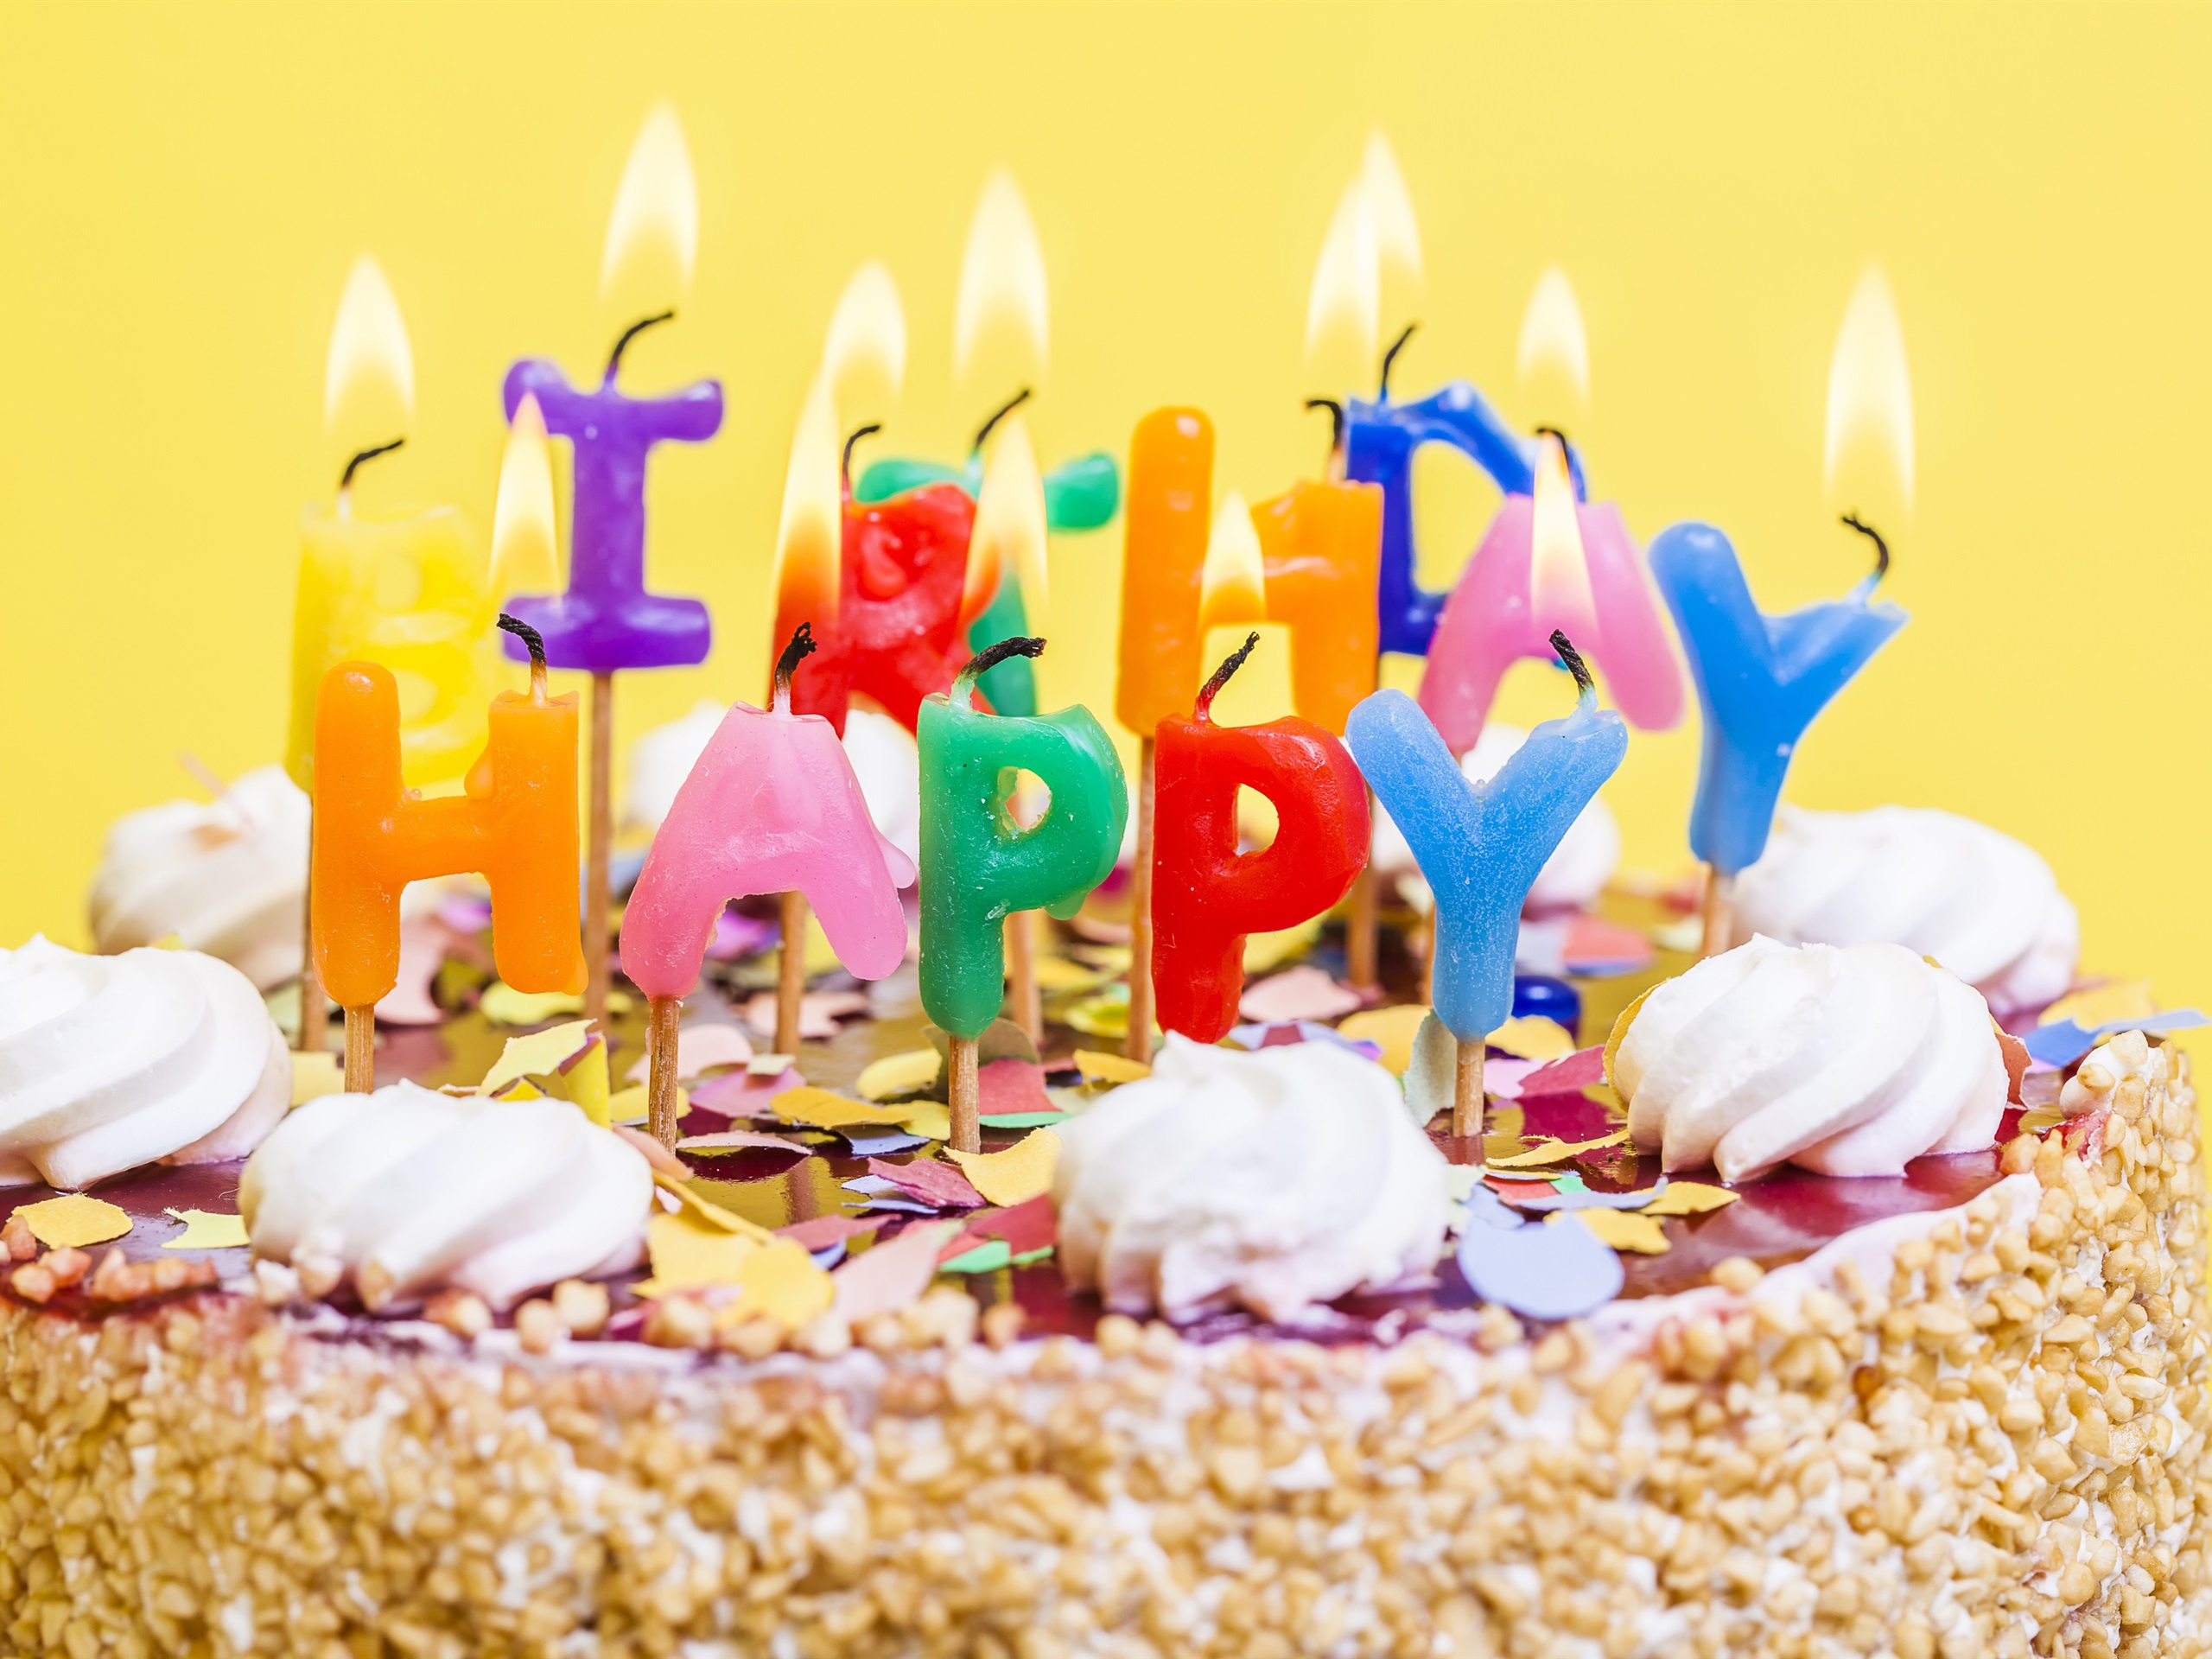 Открытки с днем рождения торт свечи, картинки прикольные поздравления